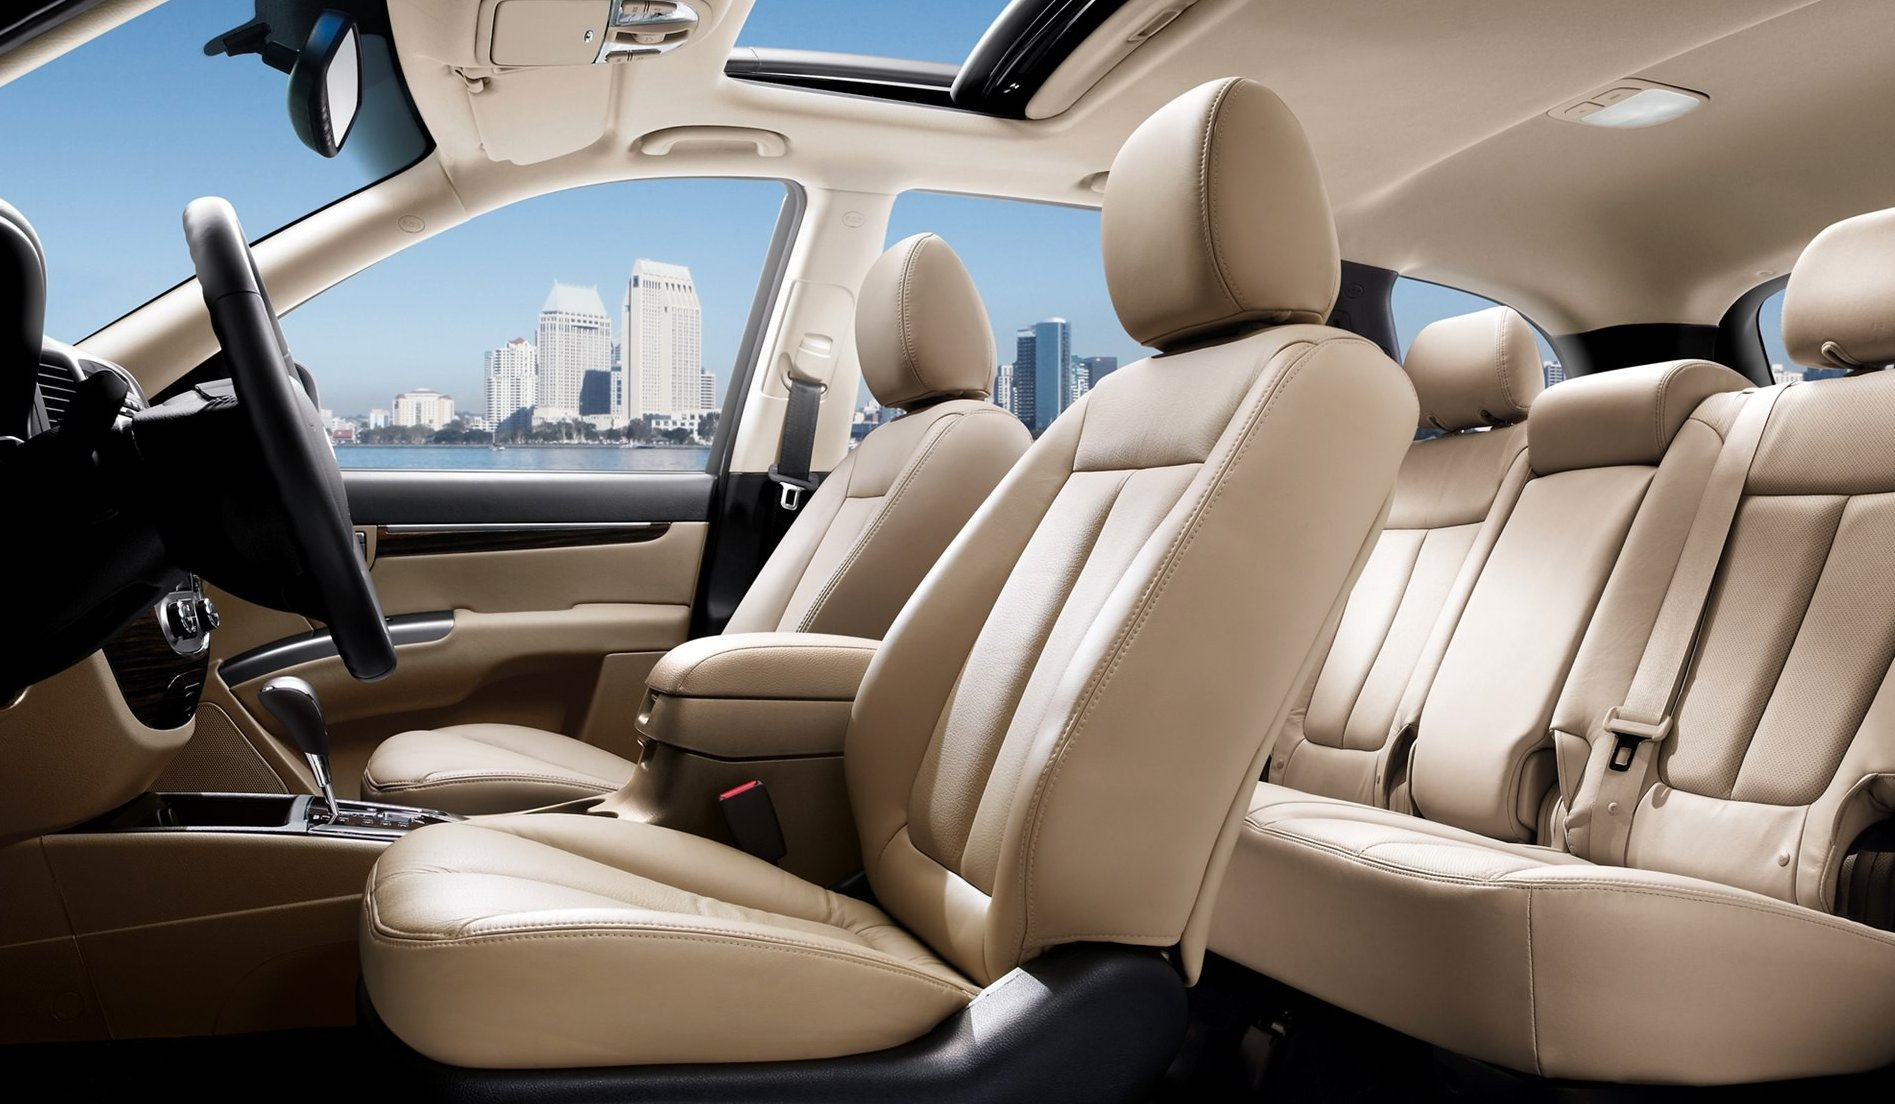 Hyundai Santa Fe Interiors Seats